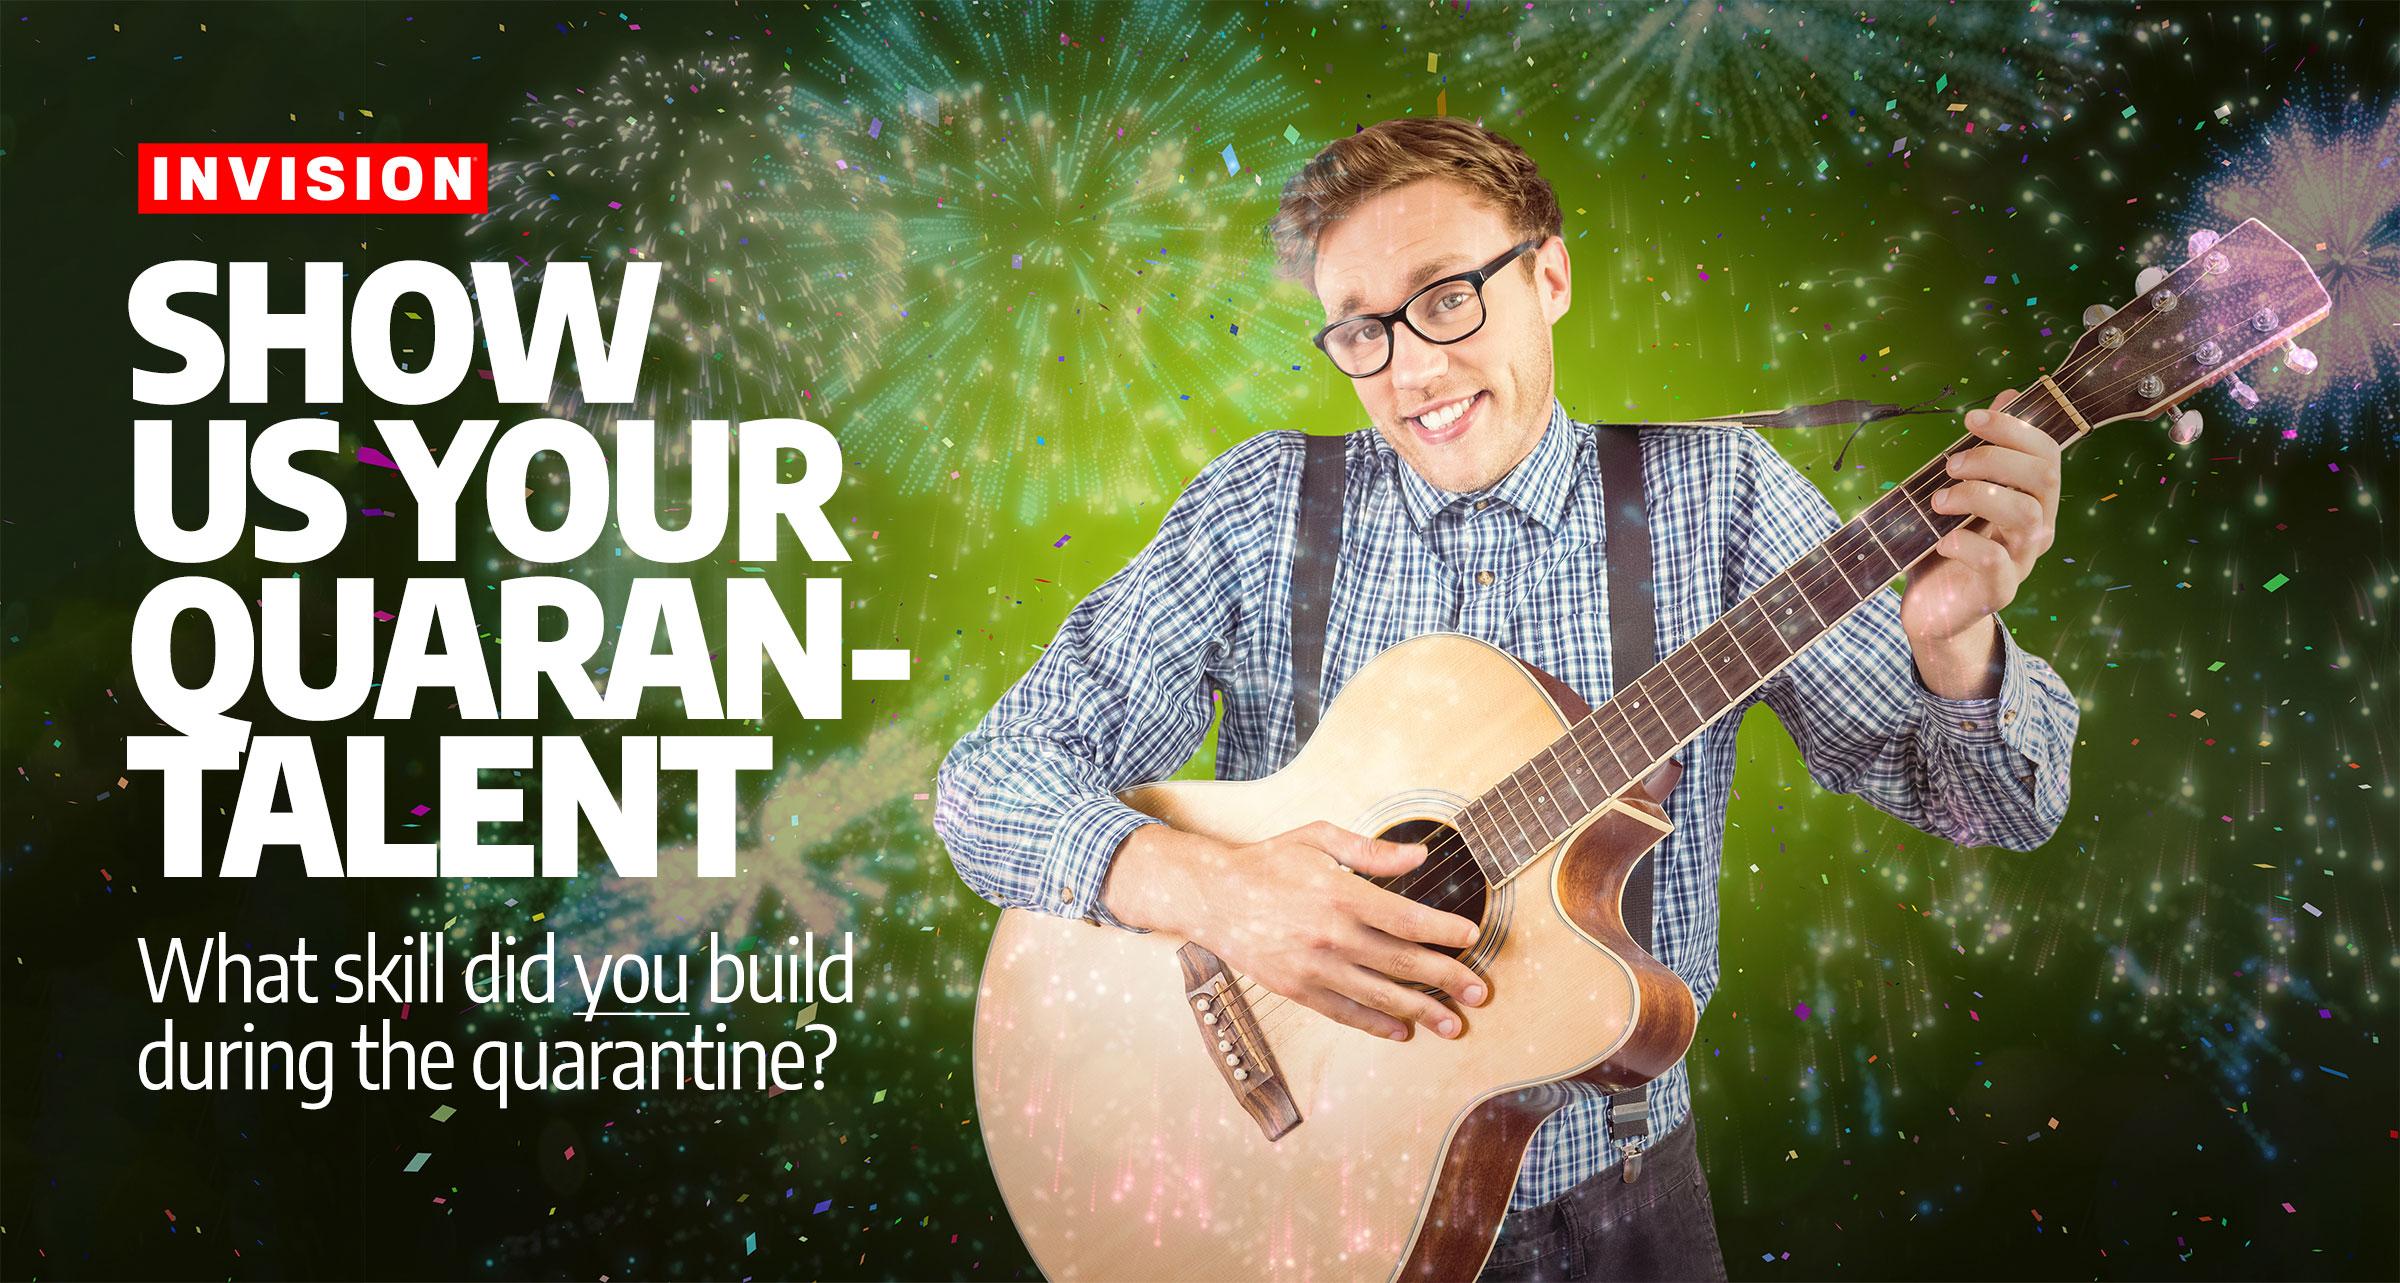 ECP Virtual Talent Show: Show Us Your Quaran-talent!